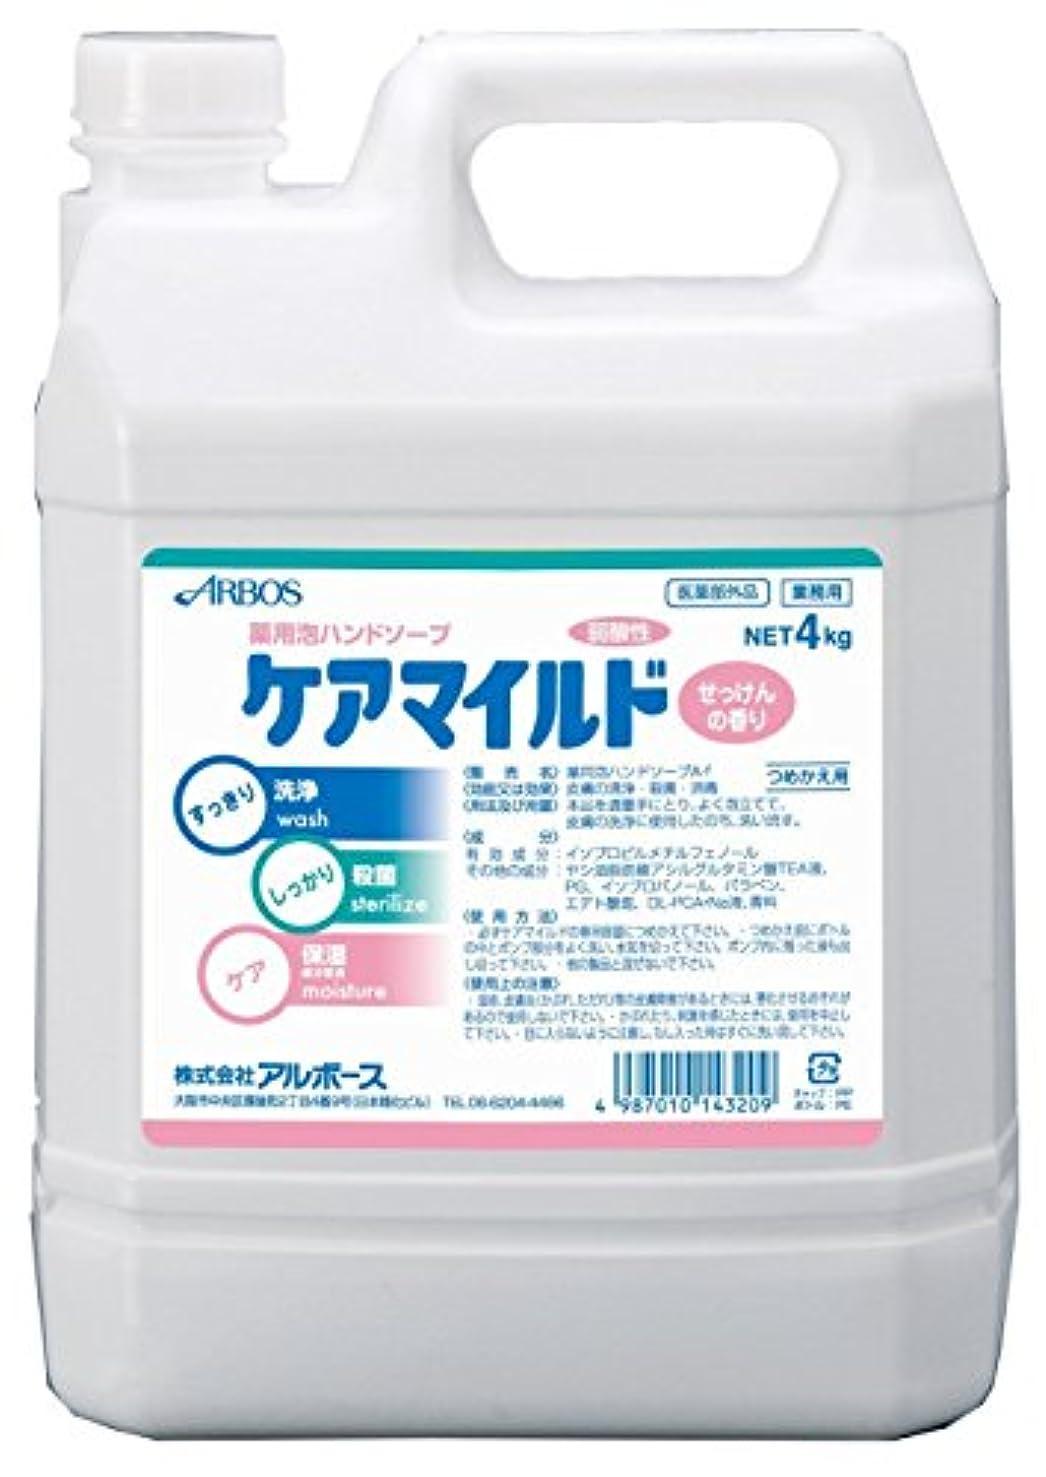 誕生僕の鹿薬用泡ハンドソープ ケアマイルド 詰め替え用 4L (4本入り)